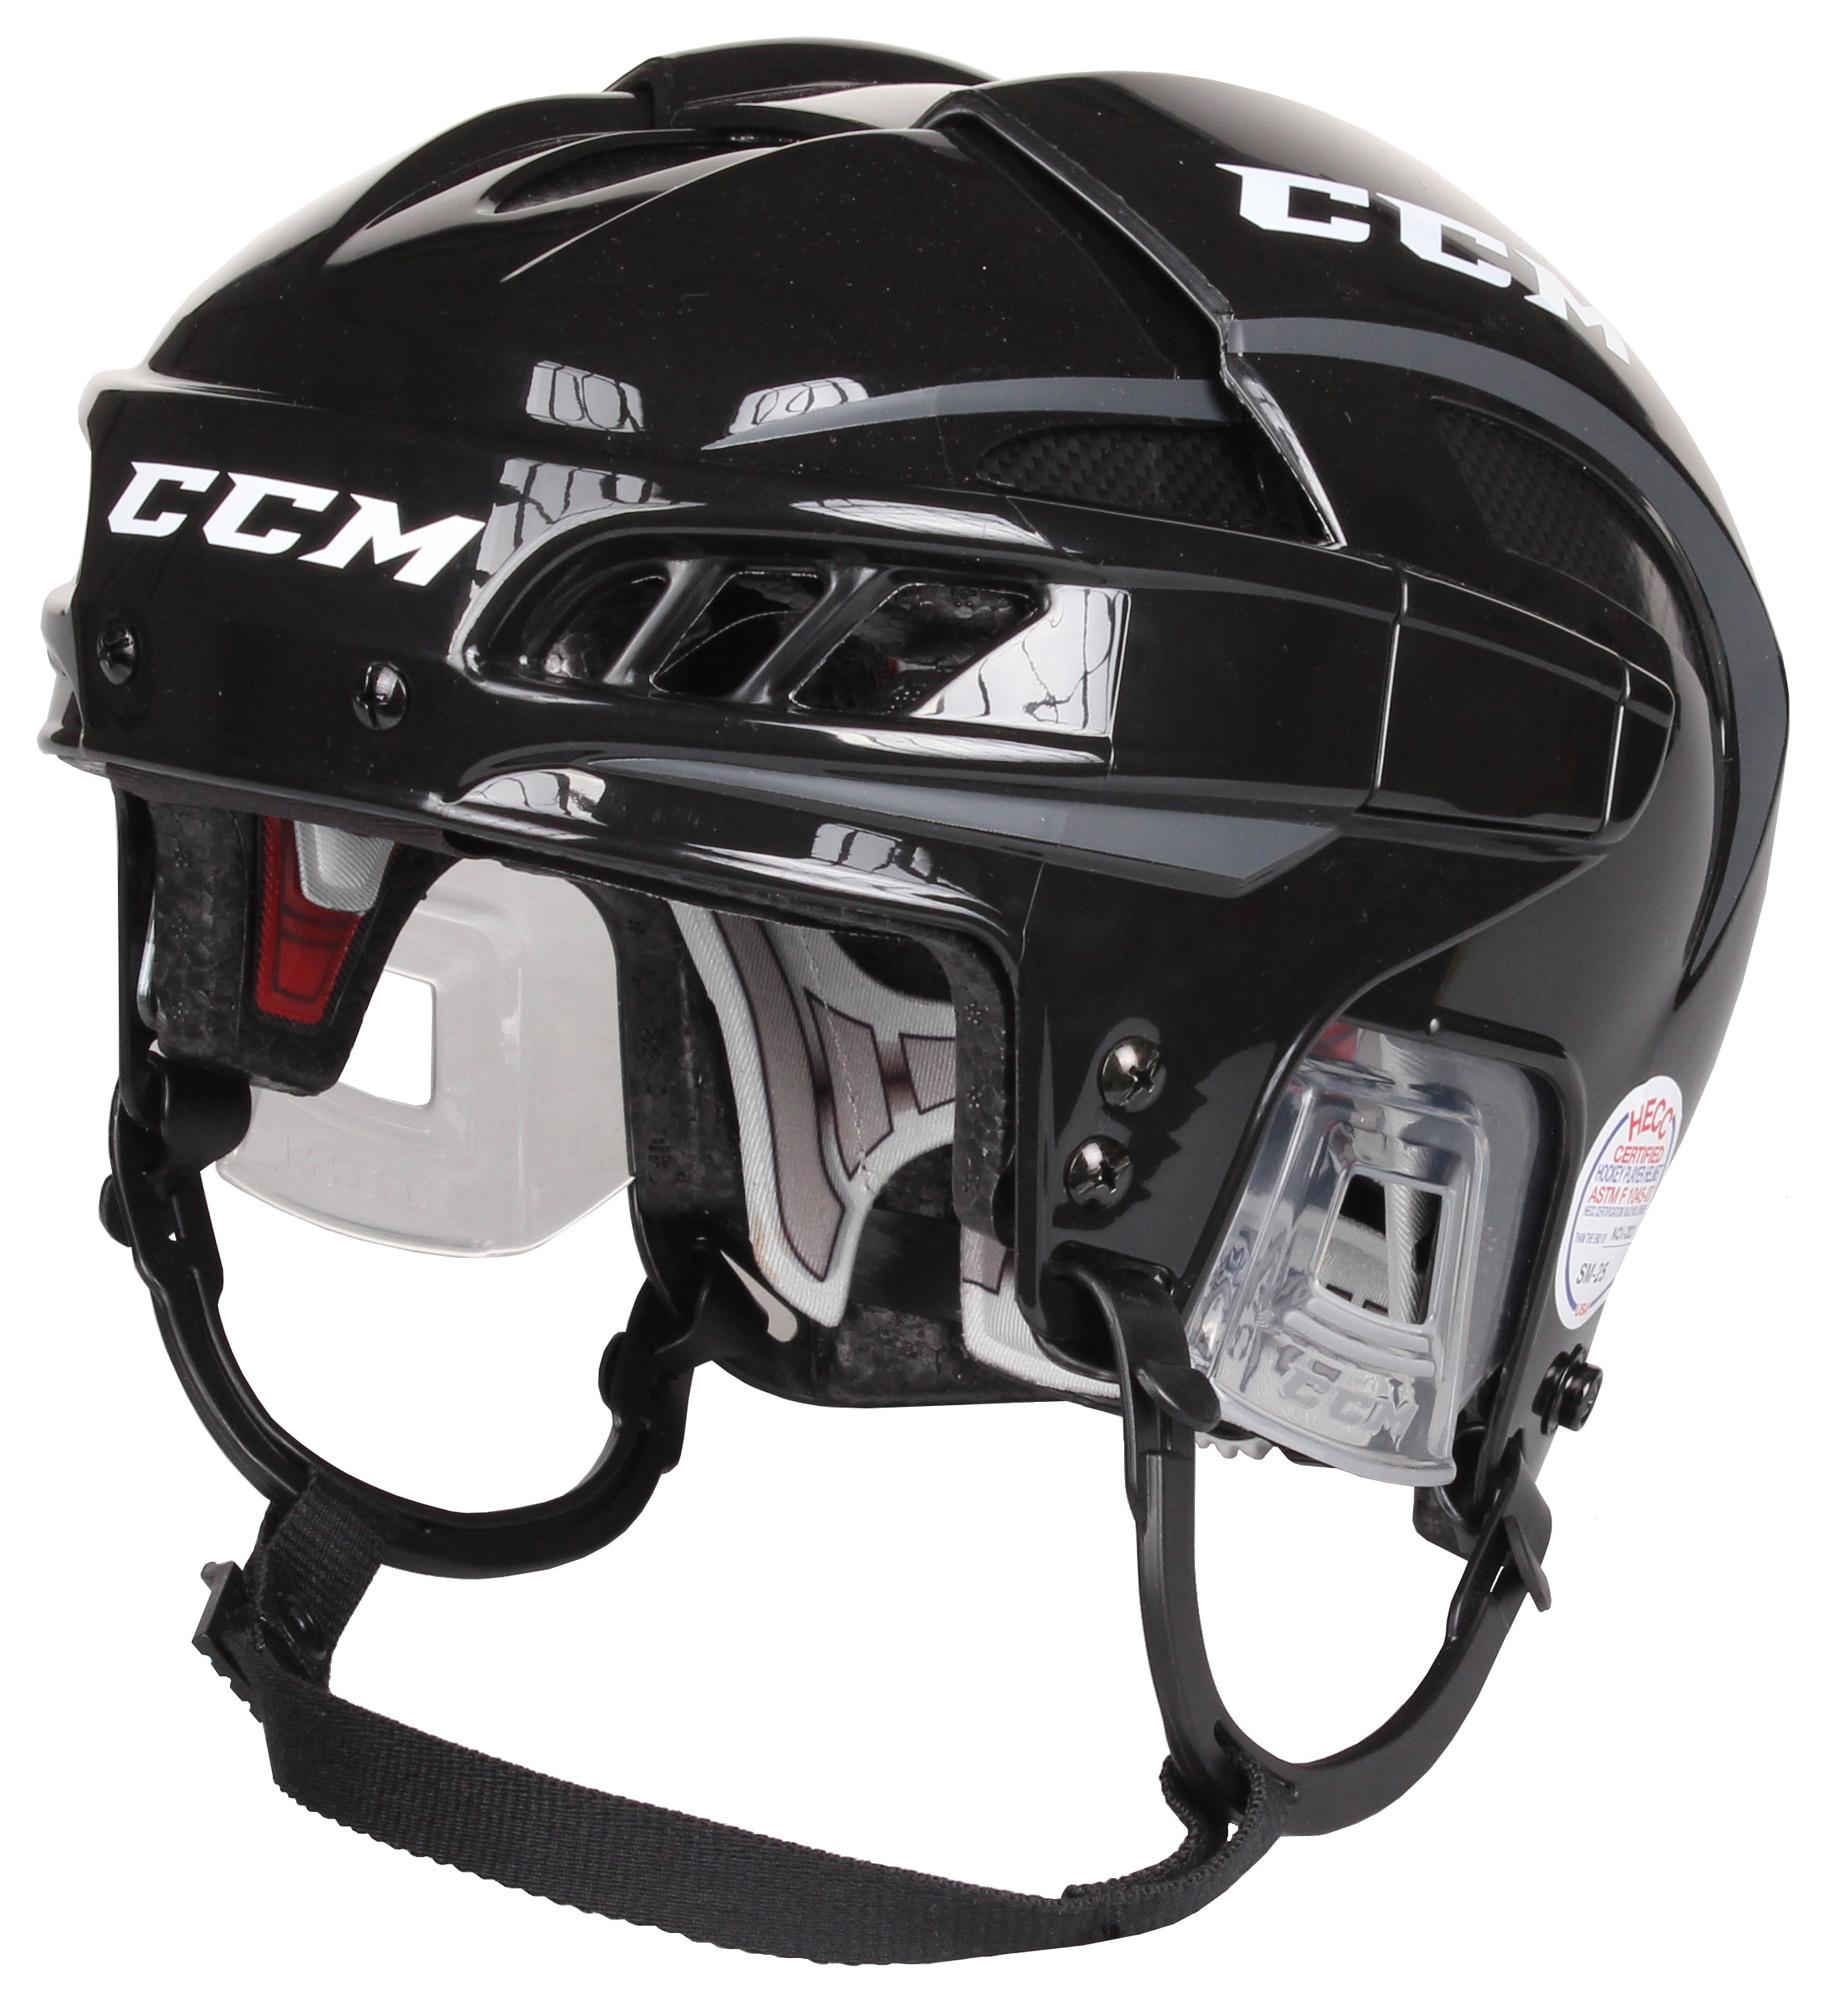 CCM FitLite hokejová helma - černá